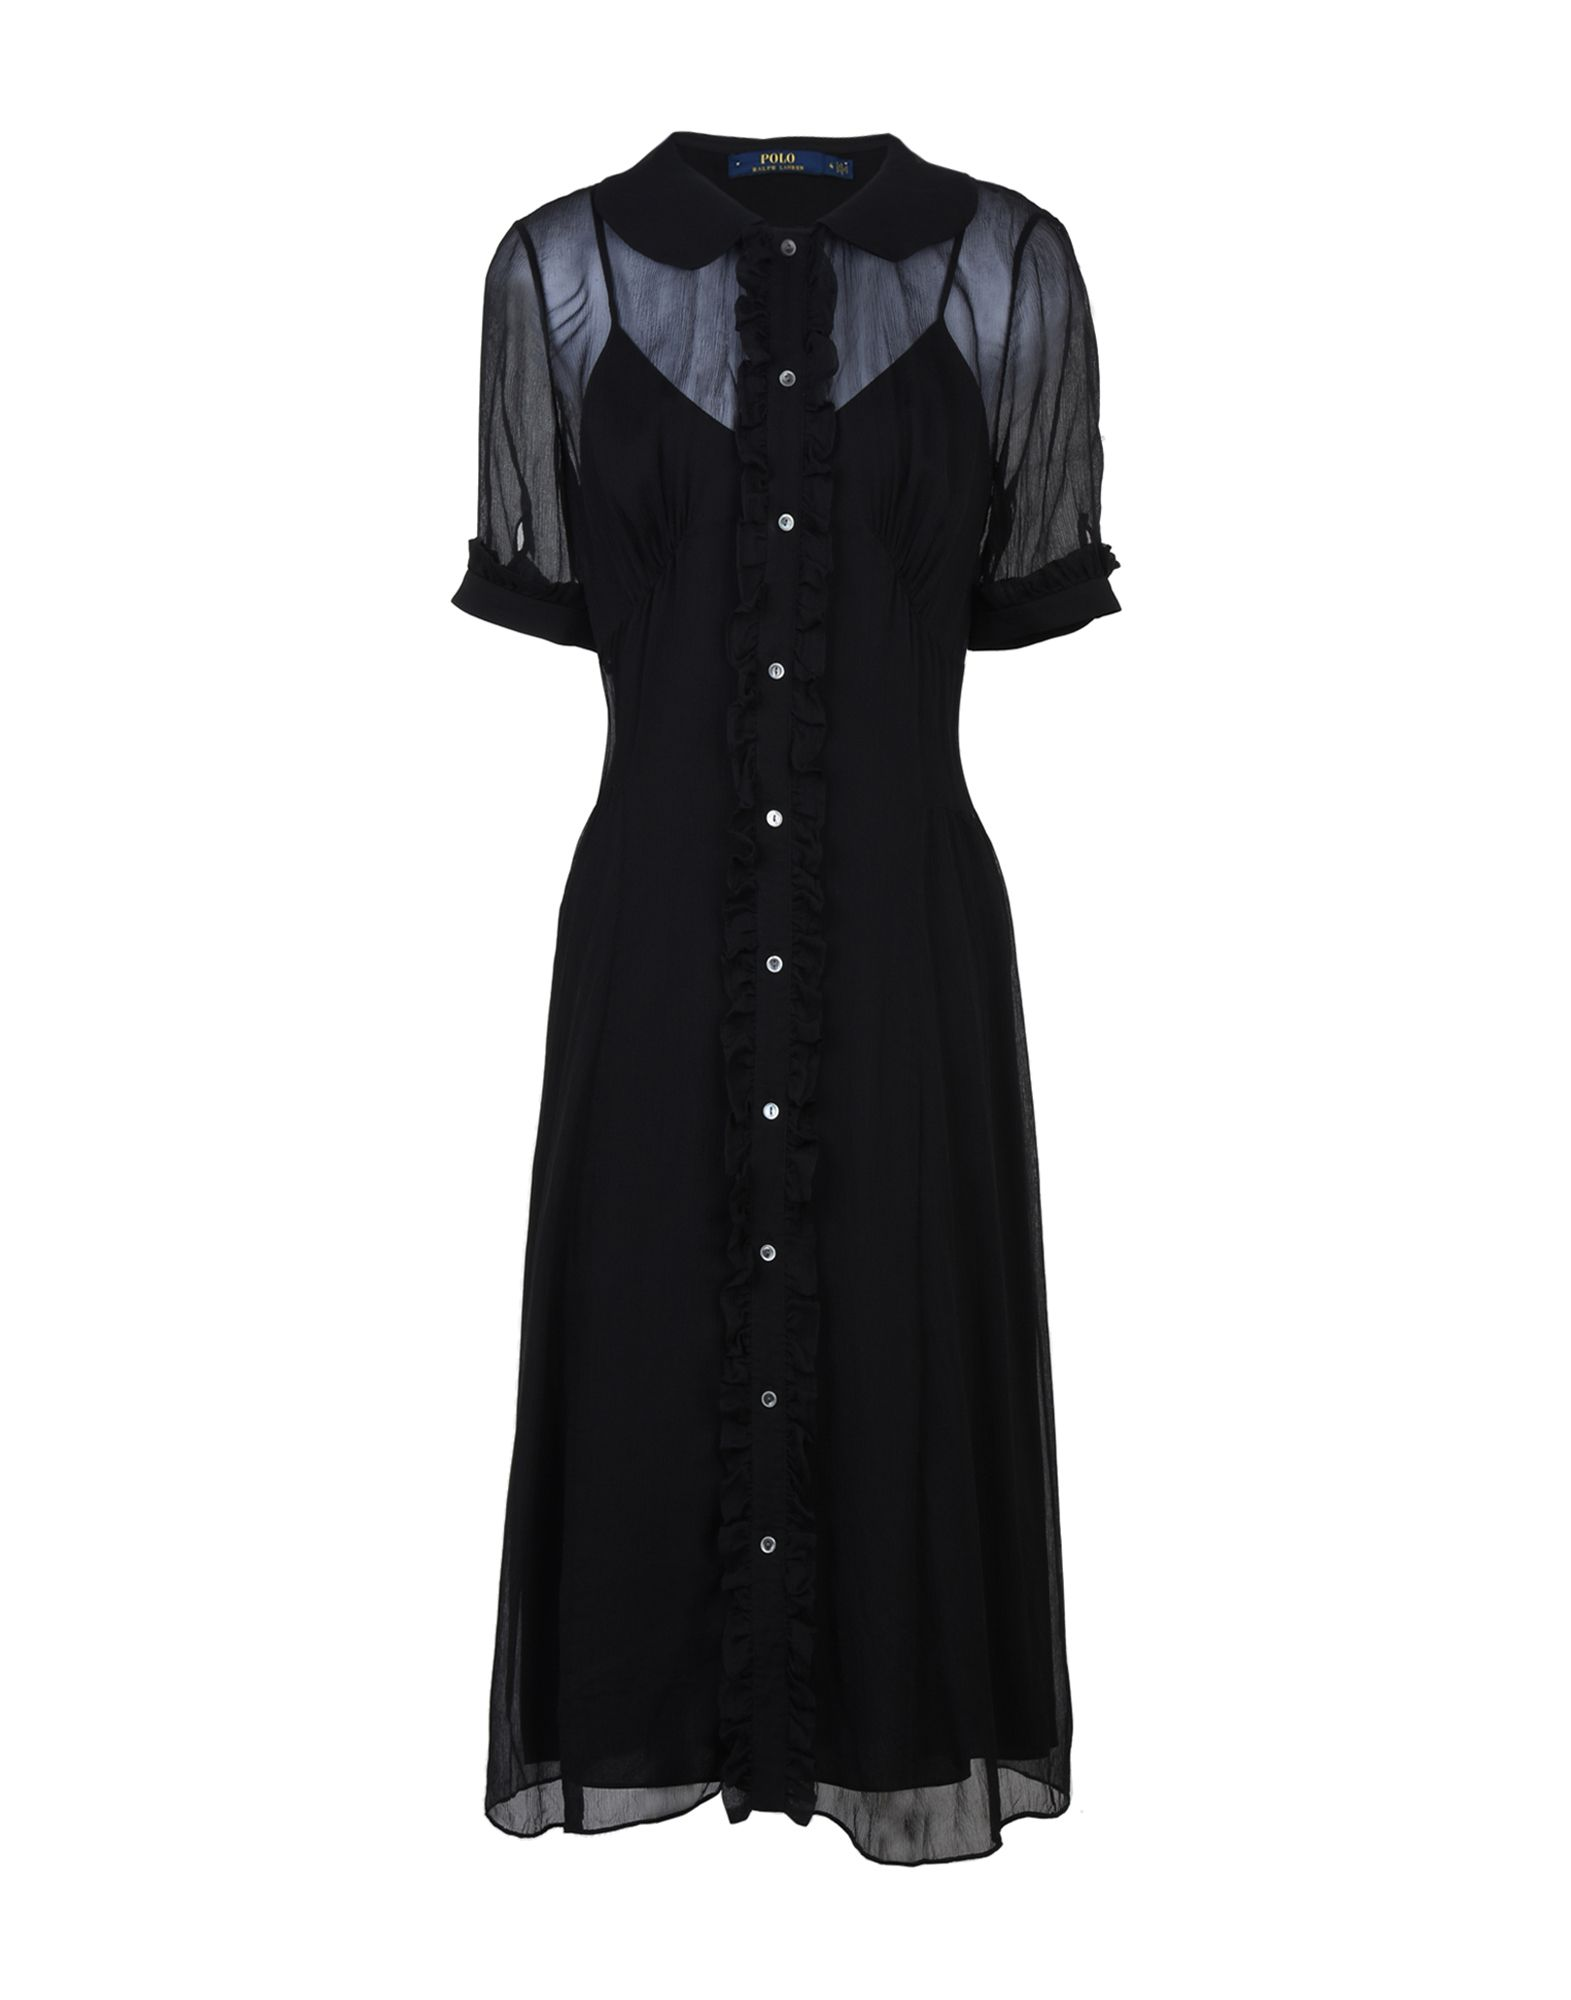 《送料無料》POLO RALPH LAUREN レディース ひざ丈ワンピース ブラック 2 シルク 100% Chiffon Shirtdress